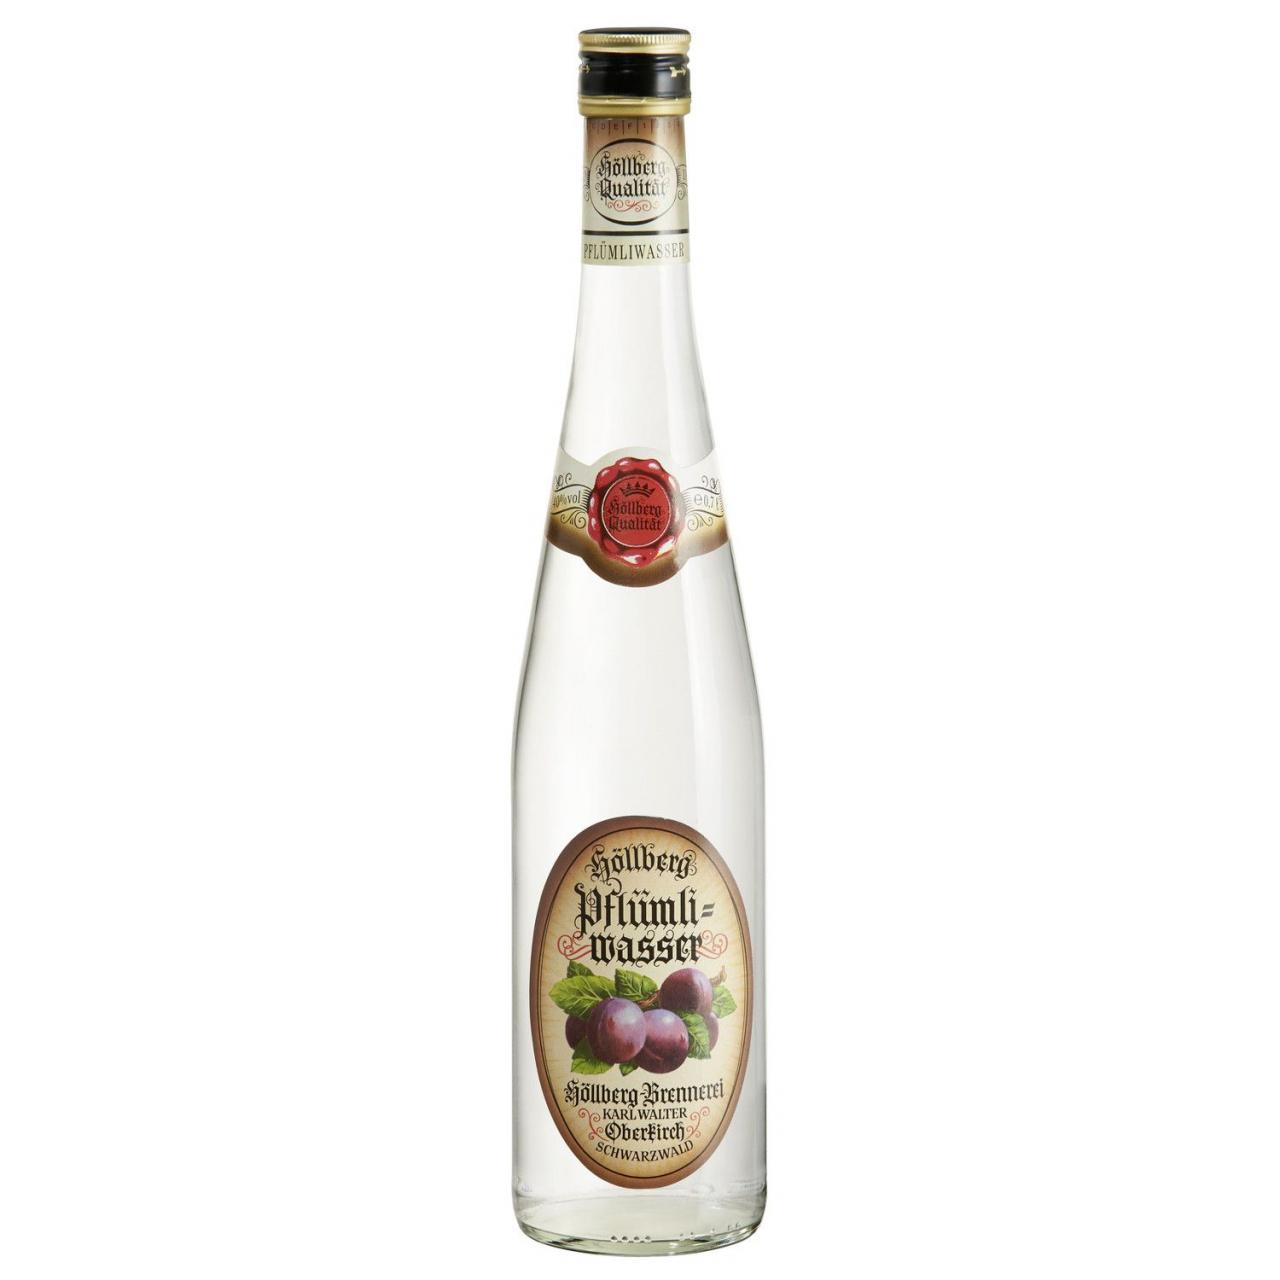 0,7 Liter Flasche Höllberg Pflümliwasser